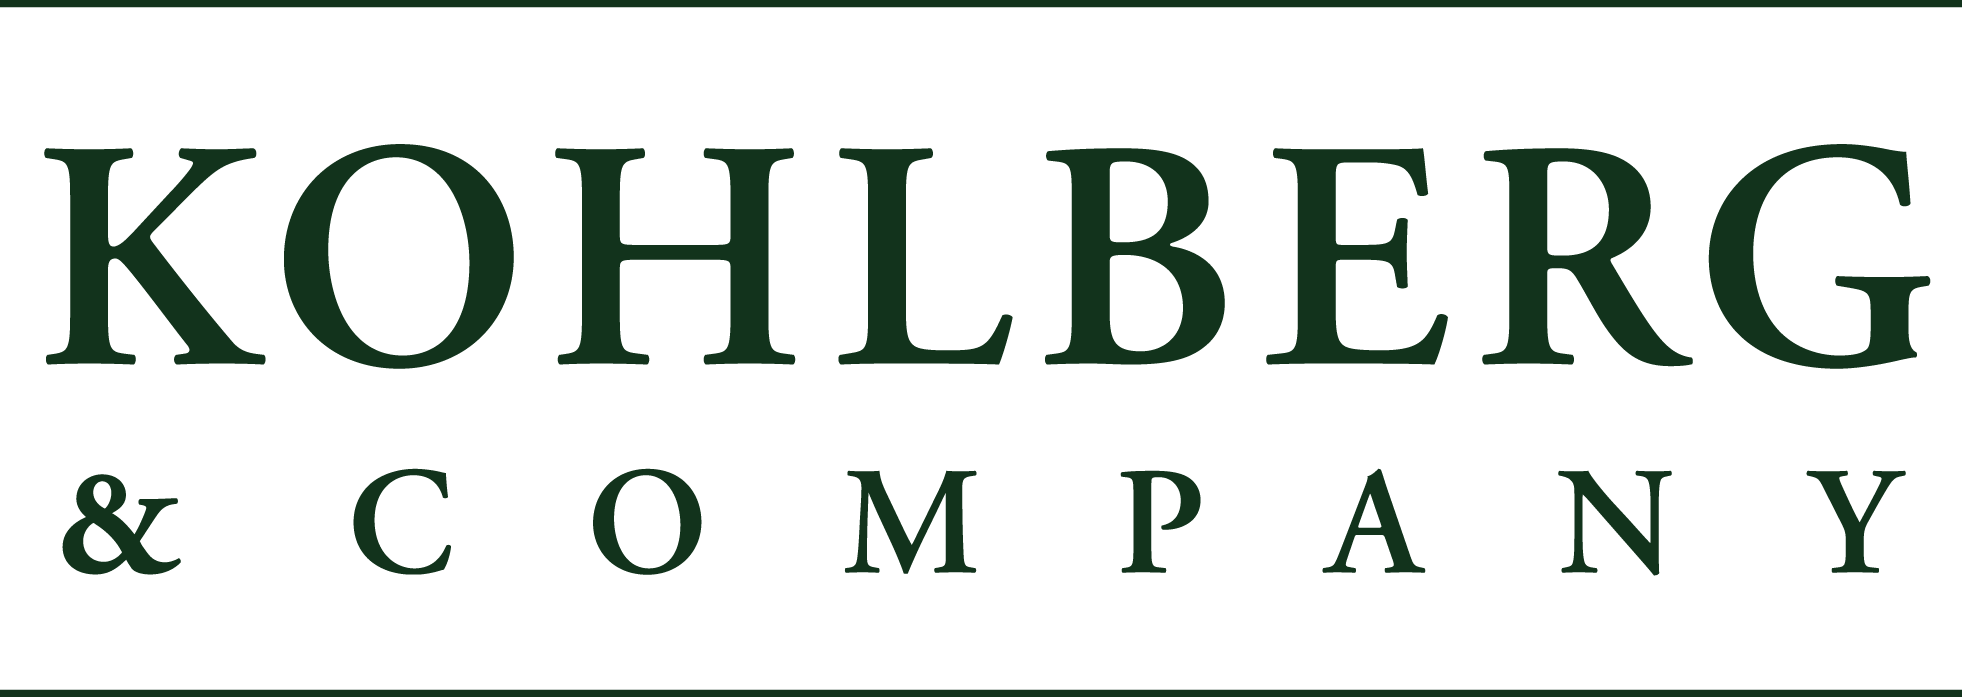 kohlberg logo